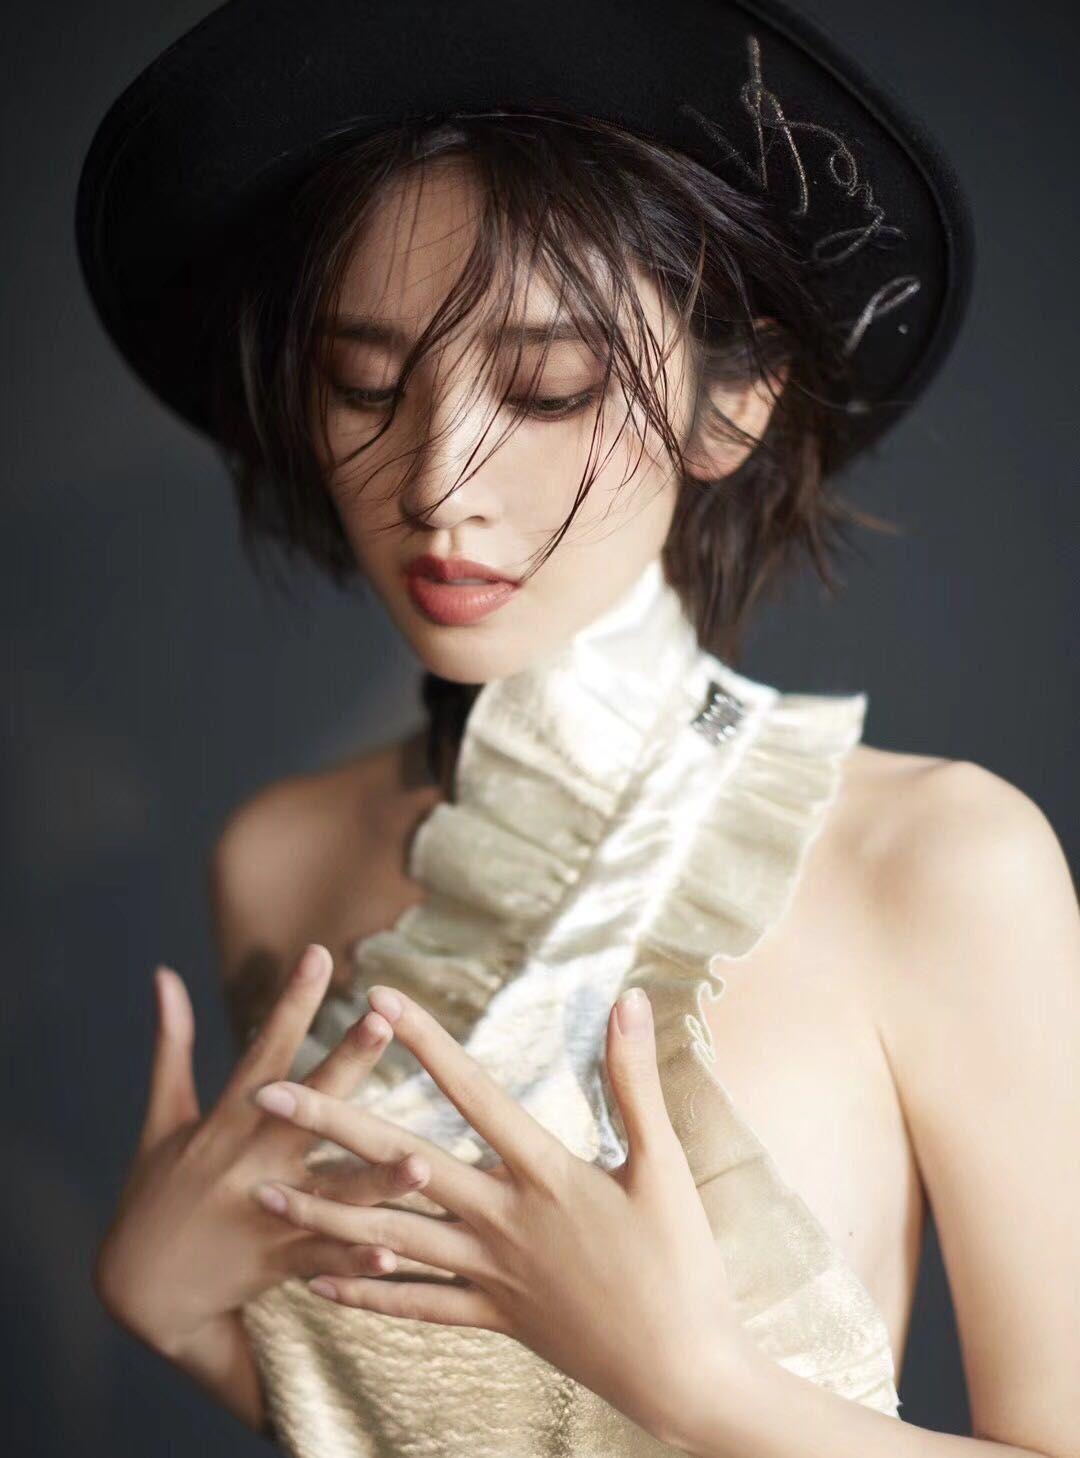 唐艺昕,一个集美貌与智慧的女纸,明明可以靠脸吃饭